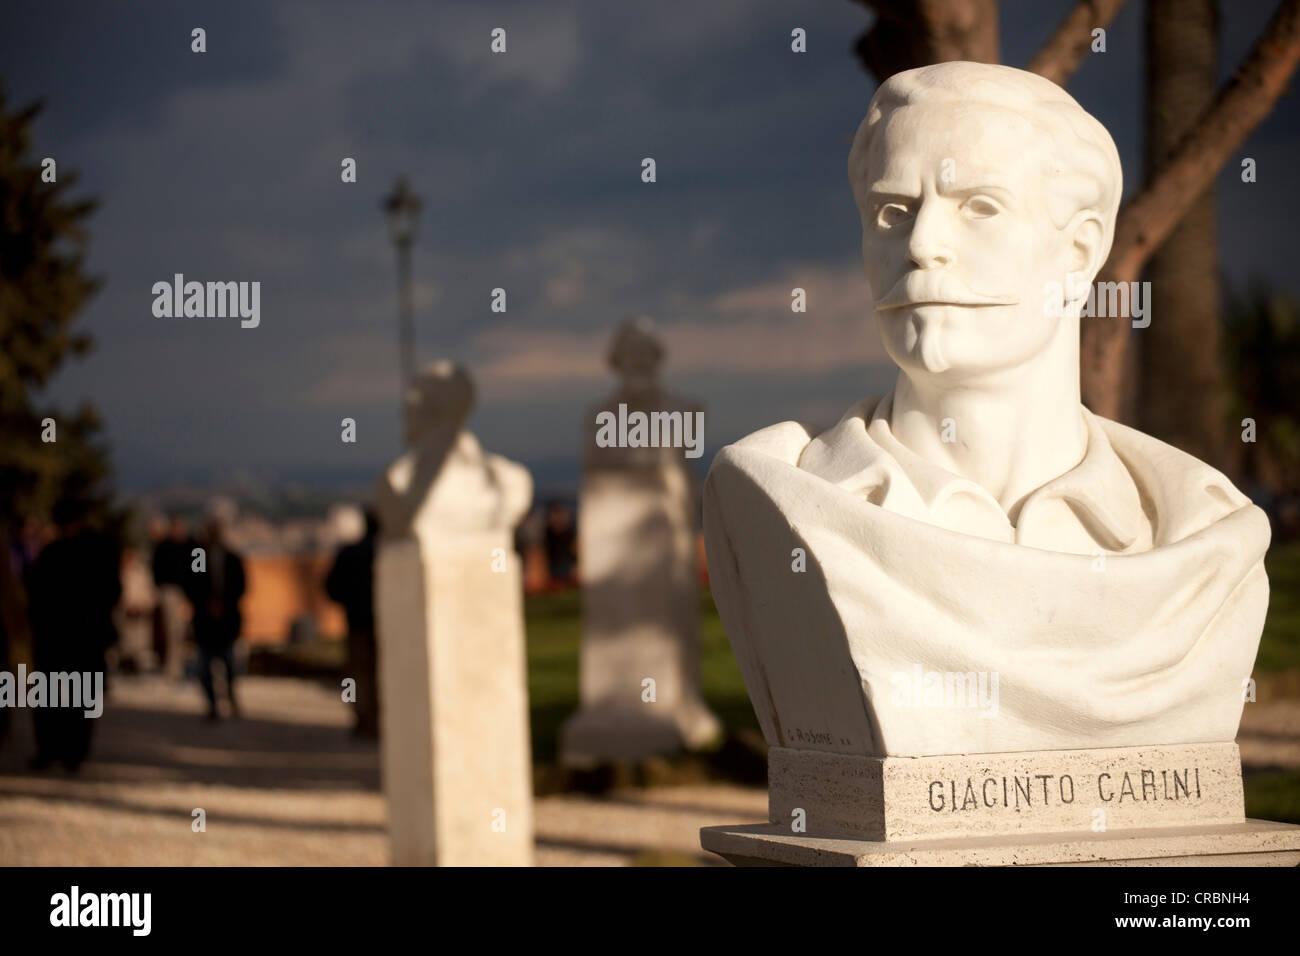 Busto del político, Giacinto Carini, en el parque de la colina de Gianicolo, Roma, Italia, Europa Imagen De Stock